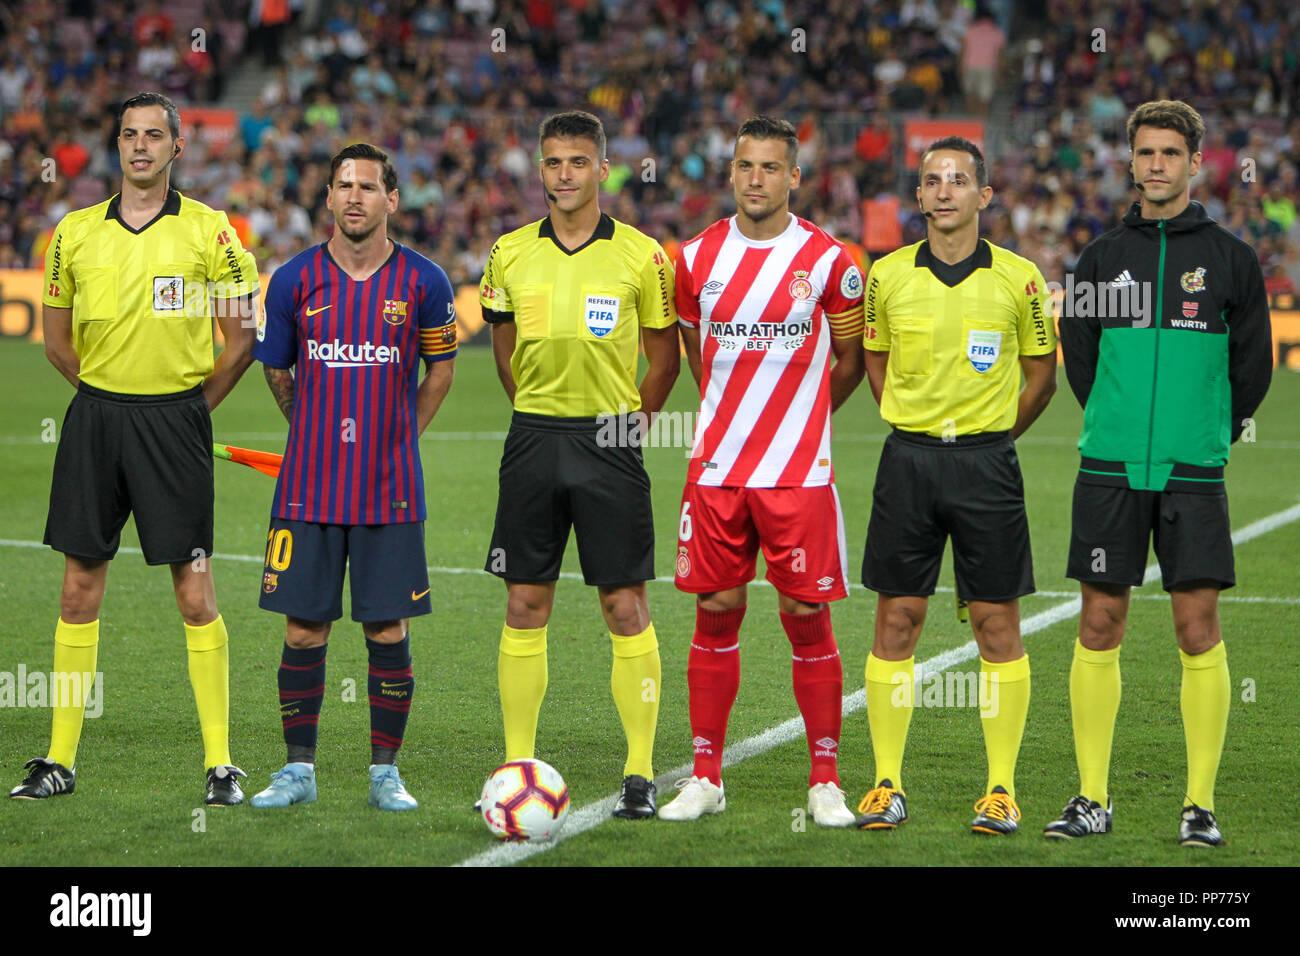 ¿Cuánto mide Àlex Granell? Barcelona-espana-el-23-de-septiembre-de-2018-el-camp-nou-barcelona-espana-la-liga-de-futbol-barcelona-girona-versus-leo-messi-del-fc-barcelona-y-granell-de-girona-fc-capitanes-con-arbitros-credito-ukko-imagesalamy-live-news-pp775y